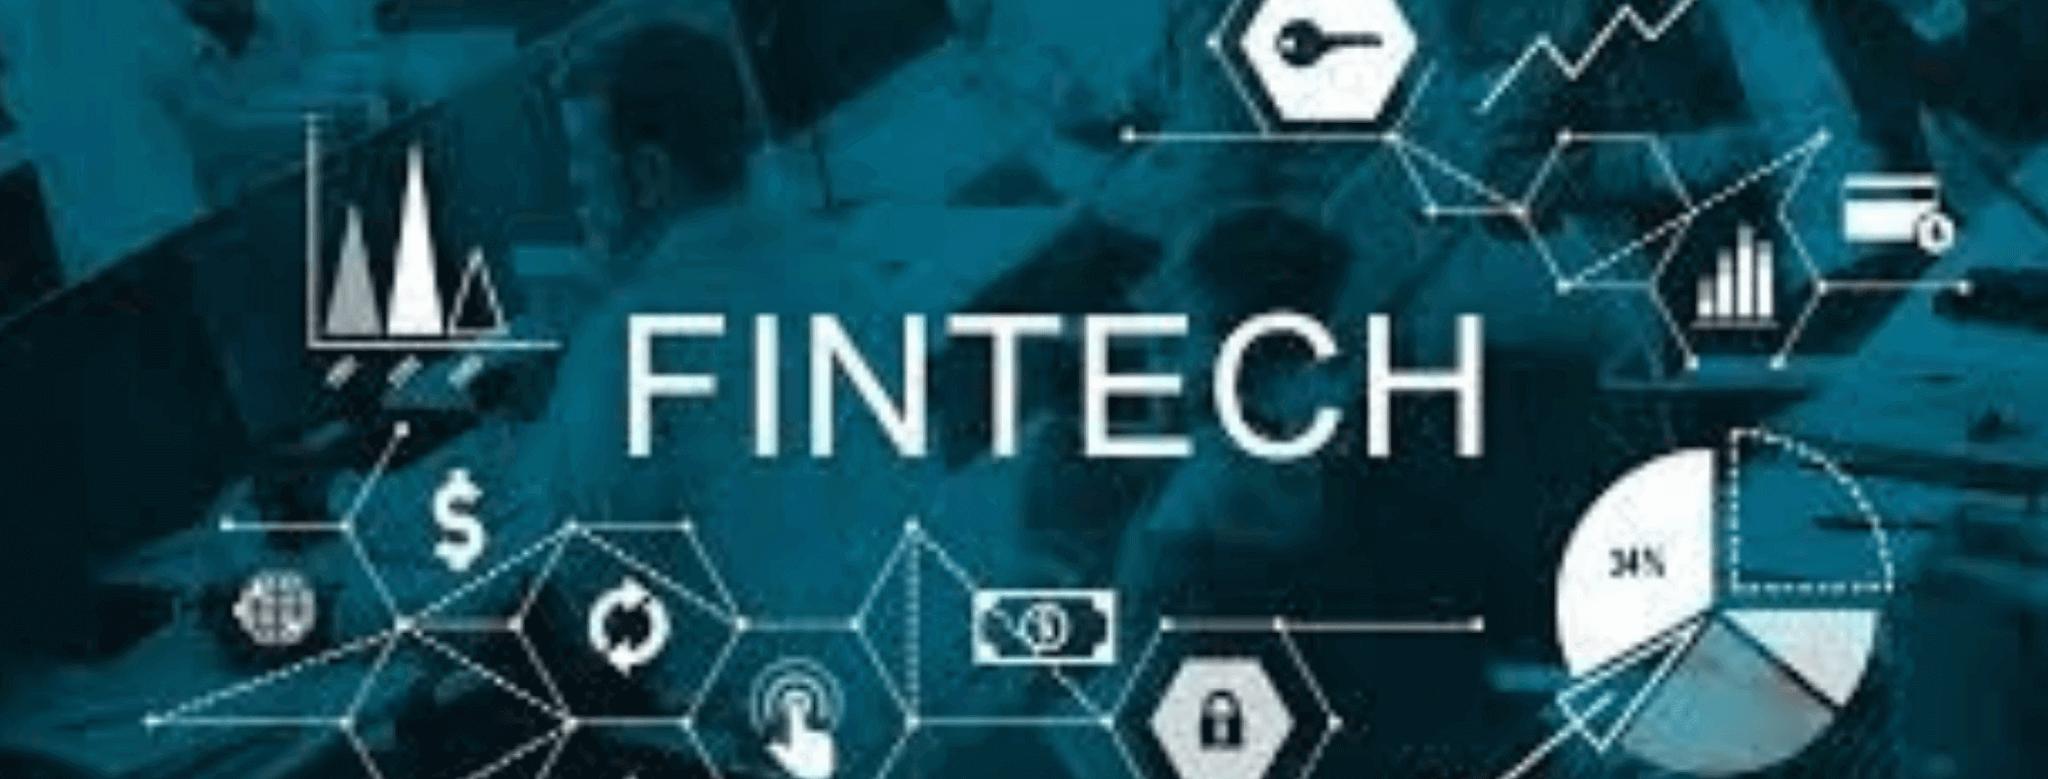 The Winning Bank + Fintech Formula opengrowth